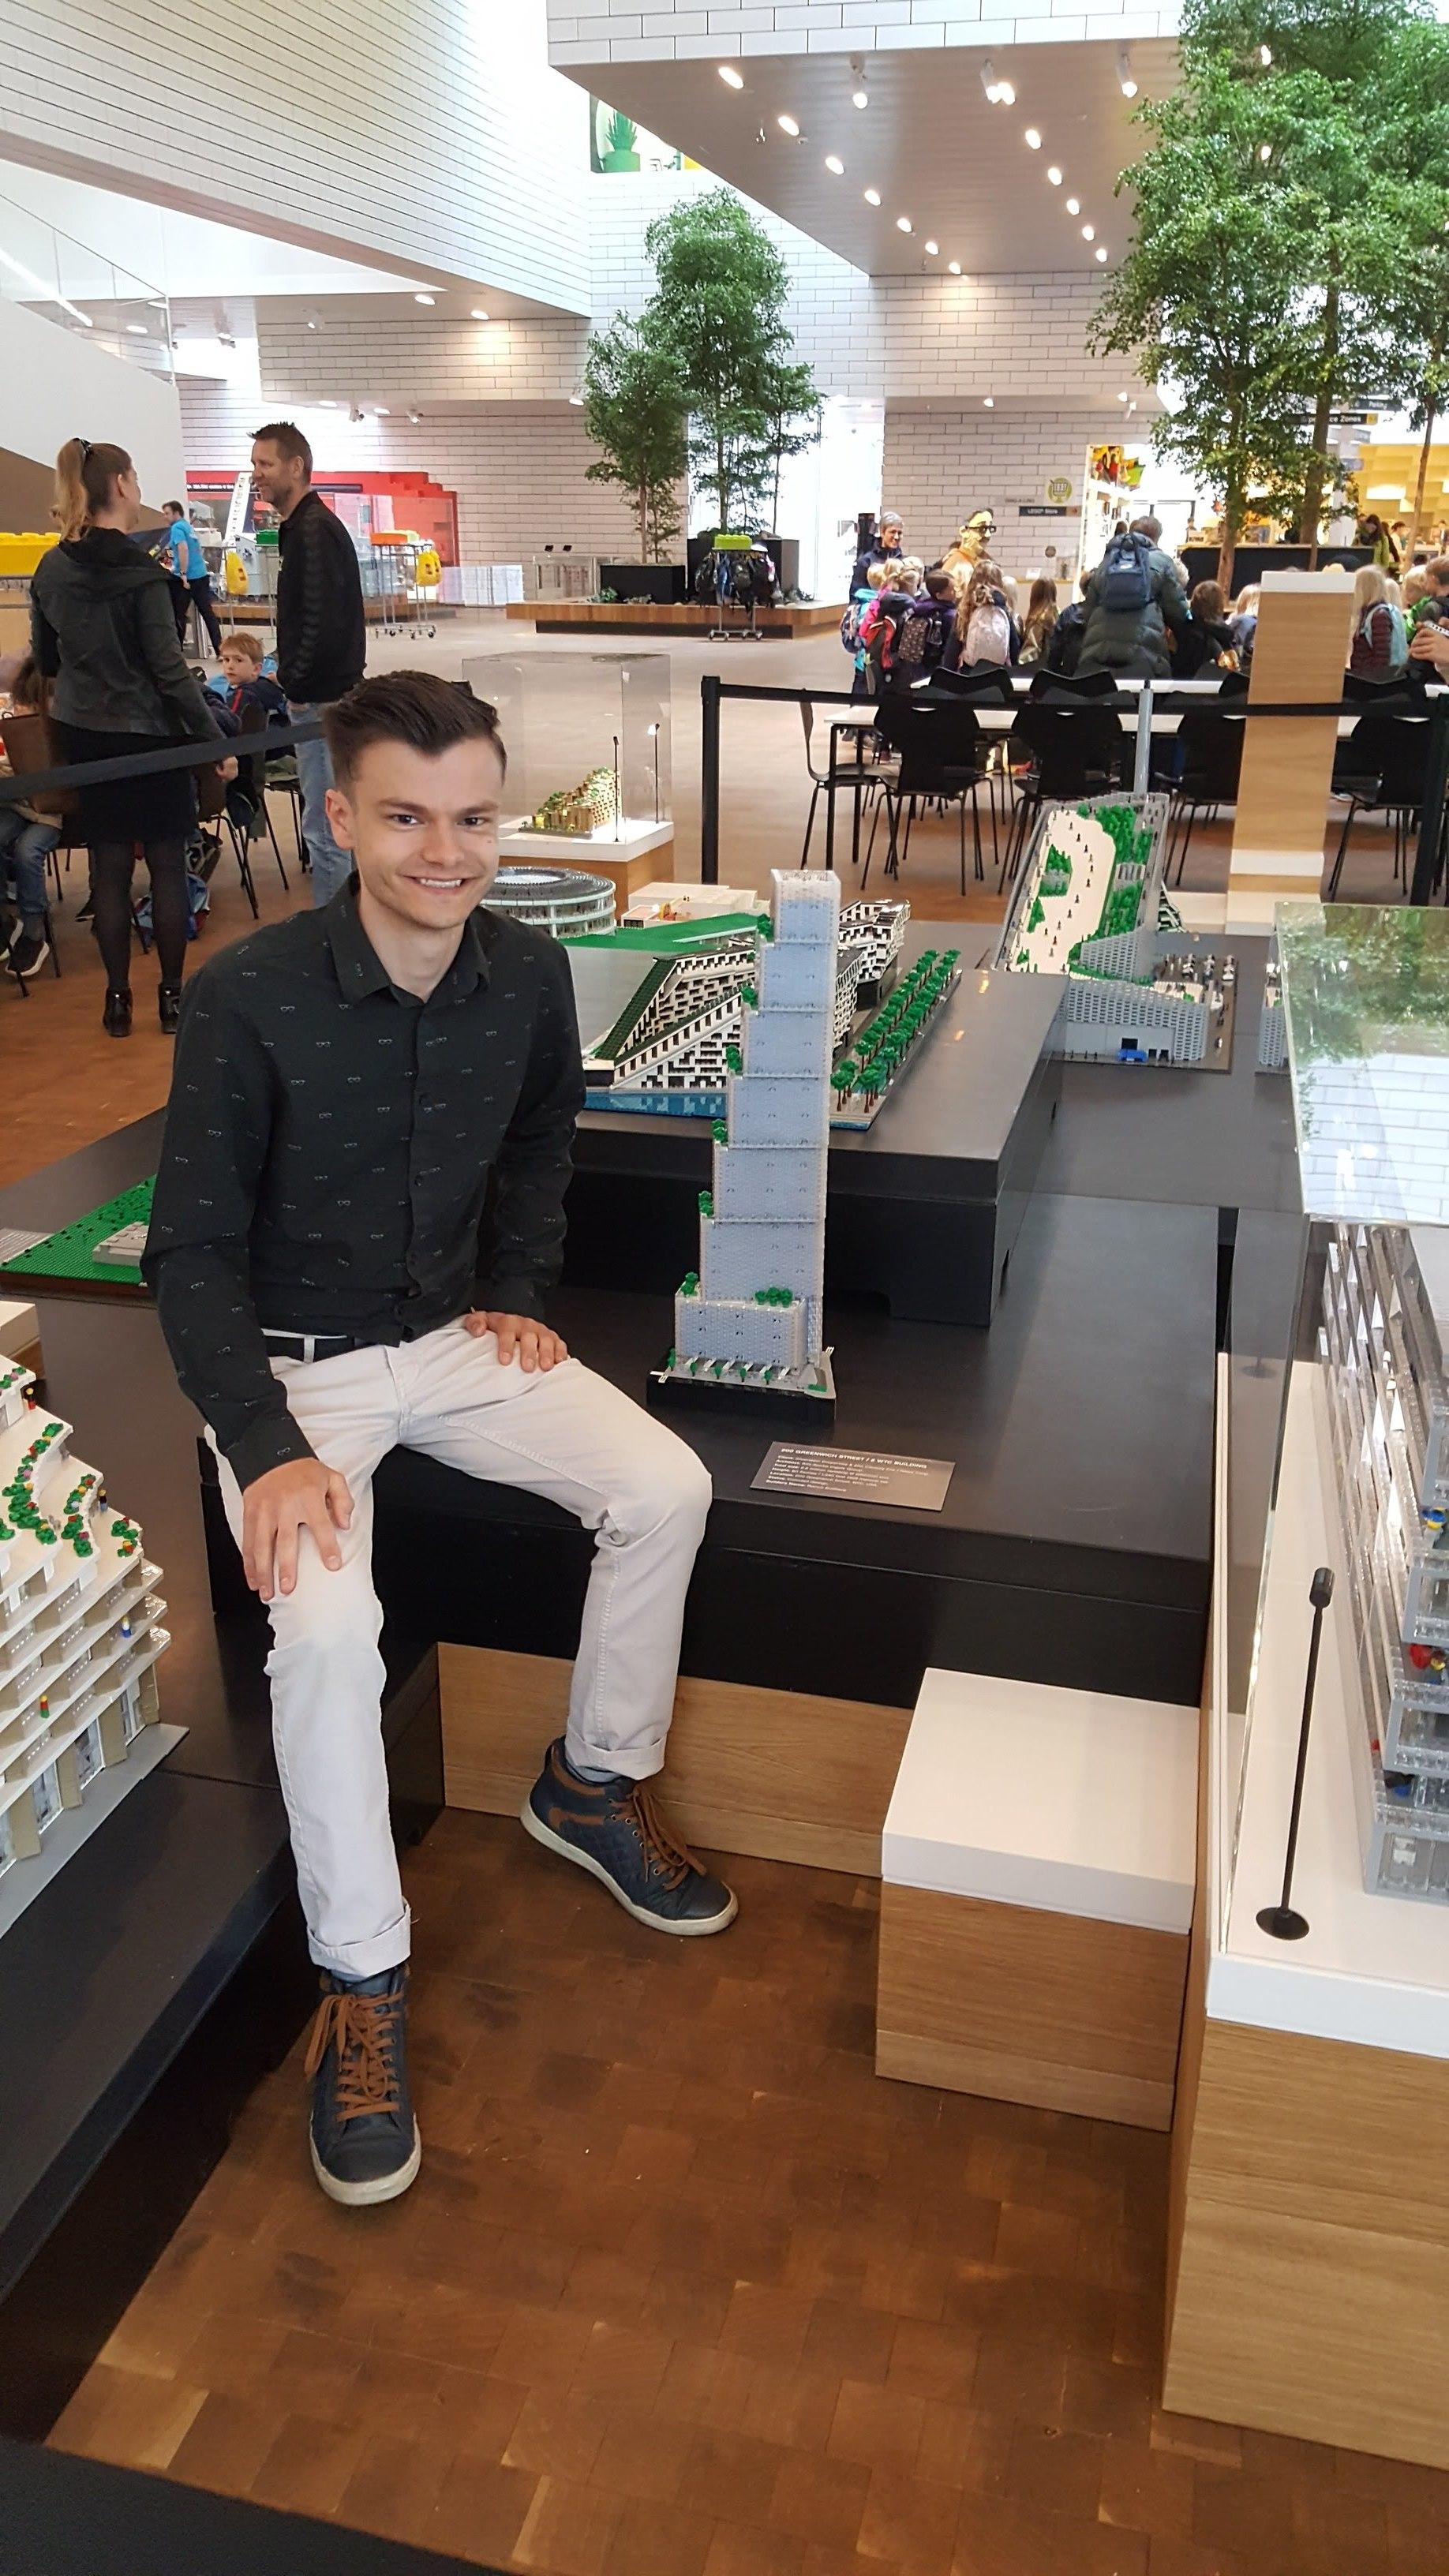 LEGO House - Billund